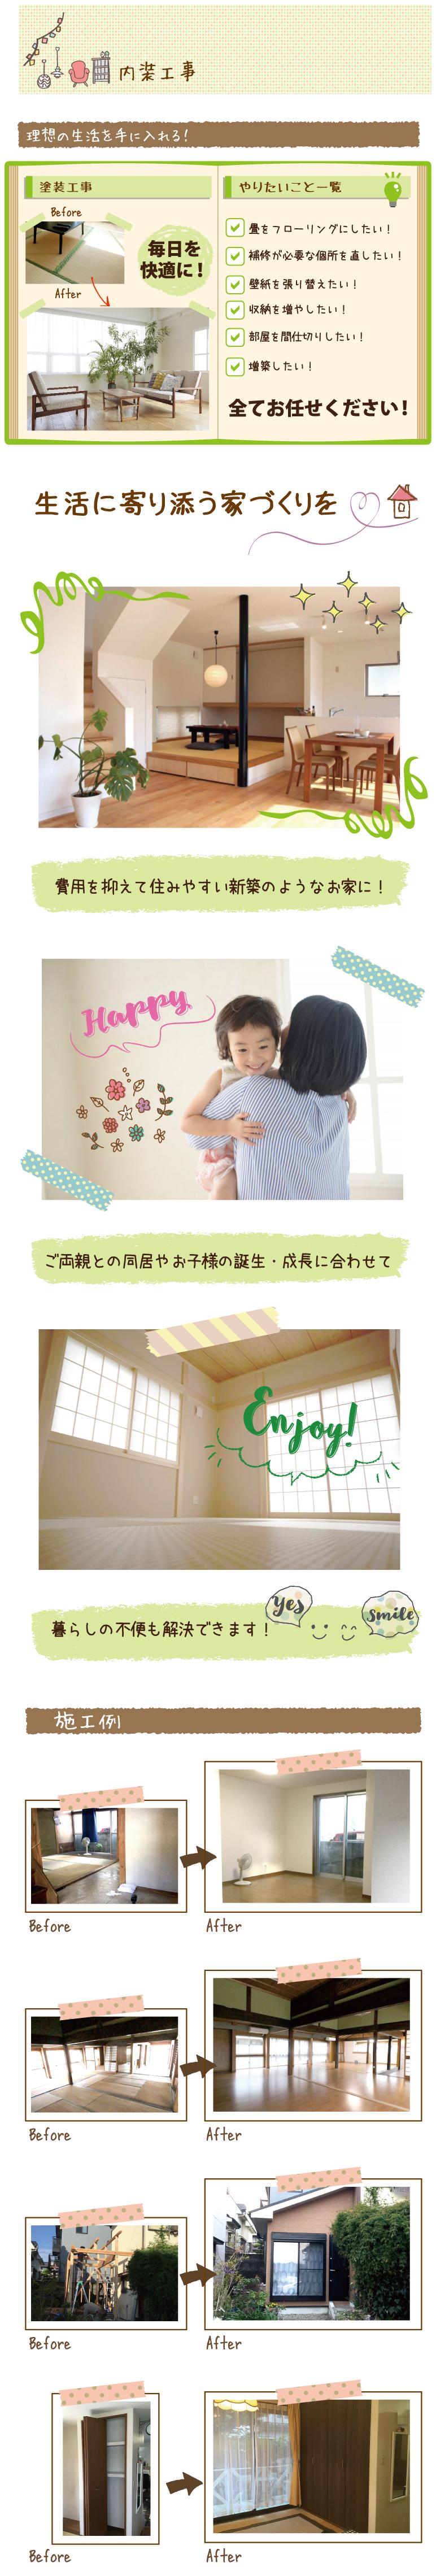 内装工事で希望が多い箇所。畳をフローリングにしたい。補修が必要な個所を直したい。壁紙を張り替えたい。収納を増やしたい。部屋を間仕切りしたい。増築したい等、全てお任せください。